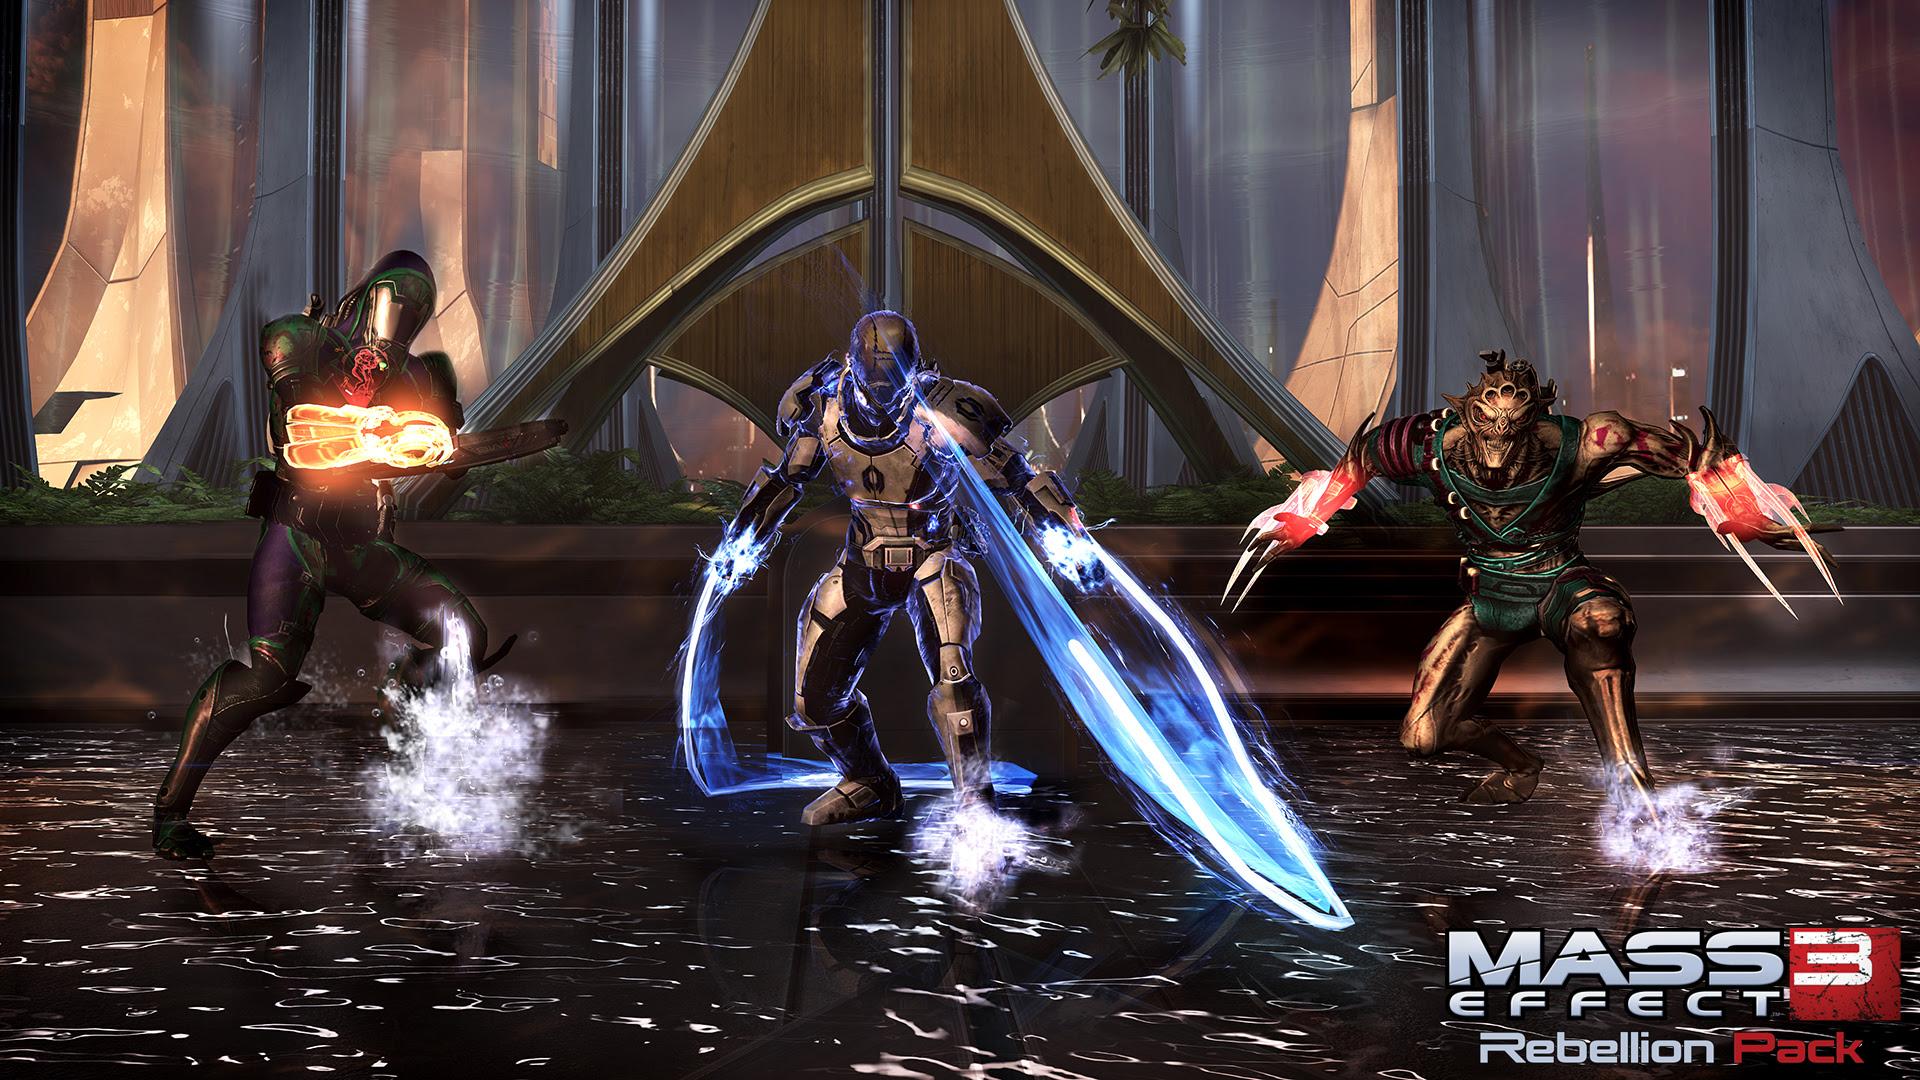 Mass Effect 3 Wallpaper 1920x1080 42889